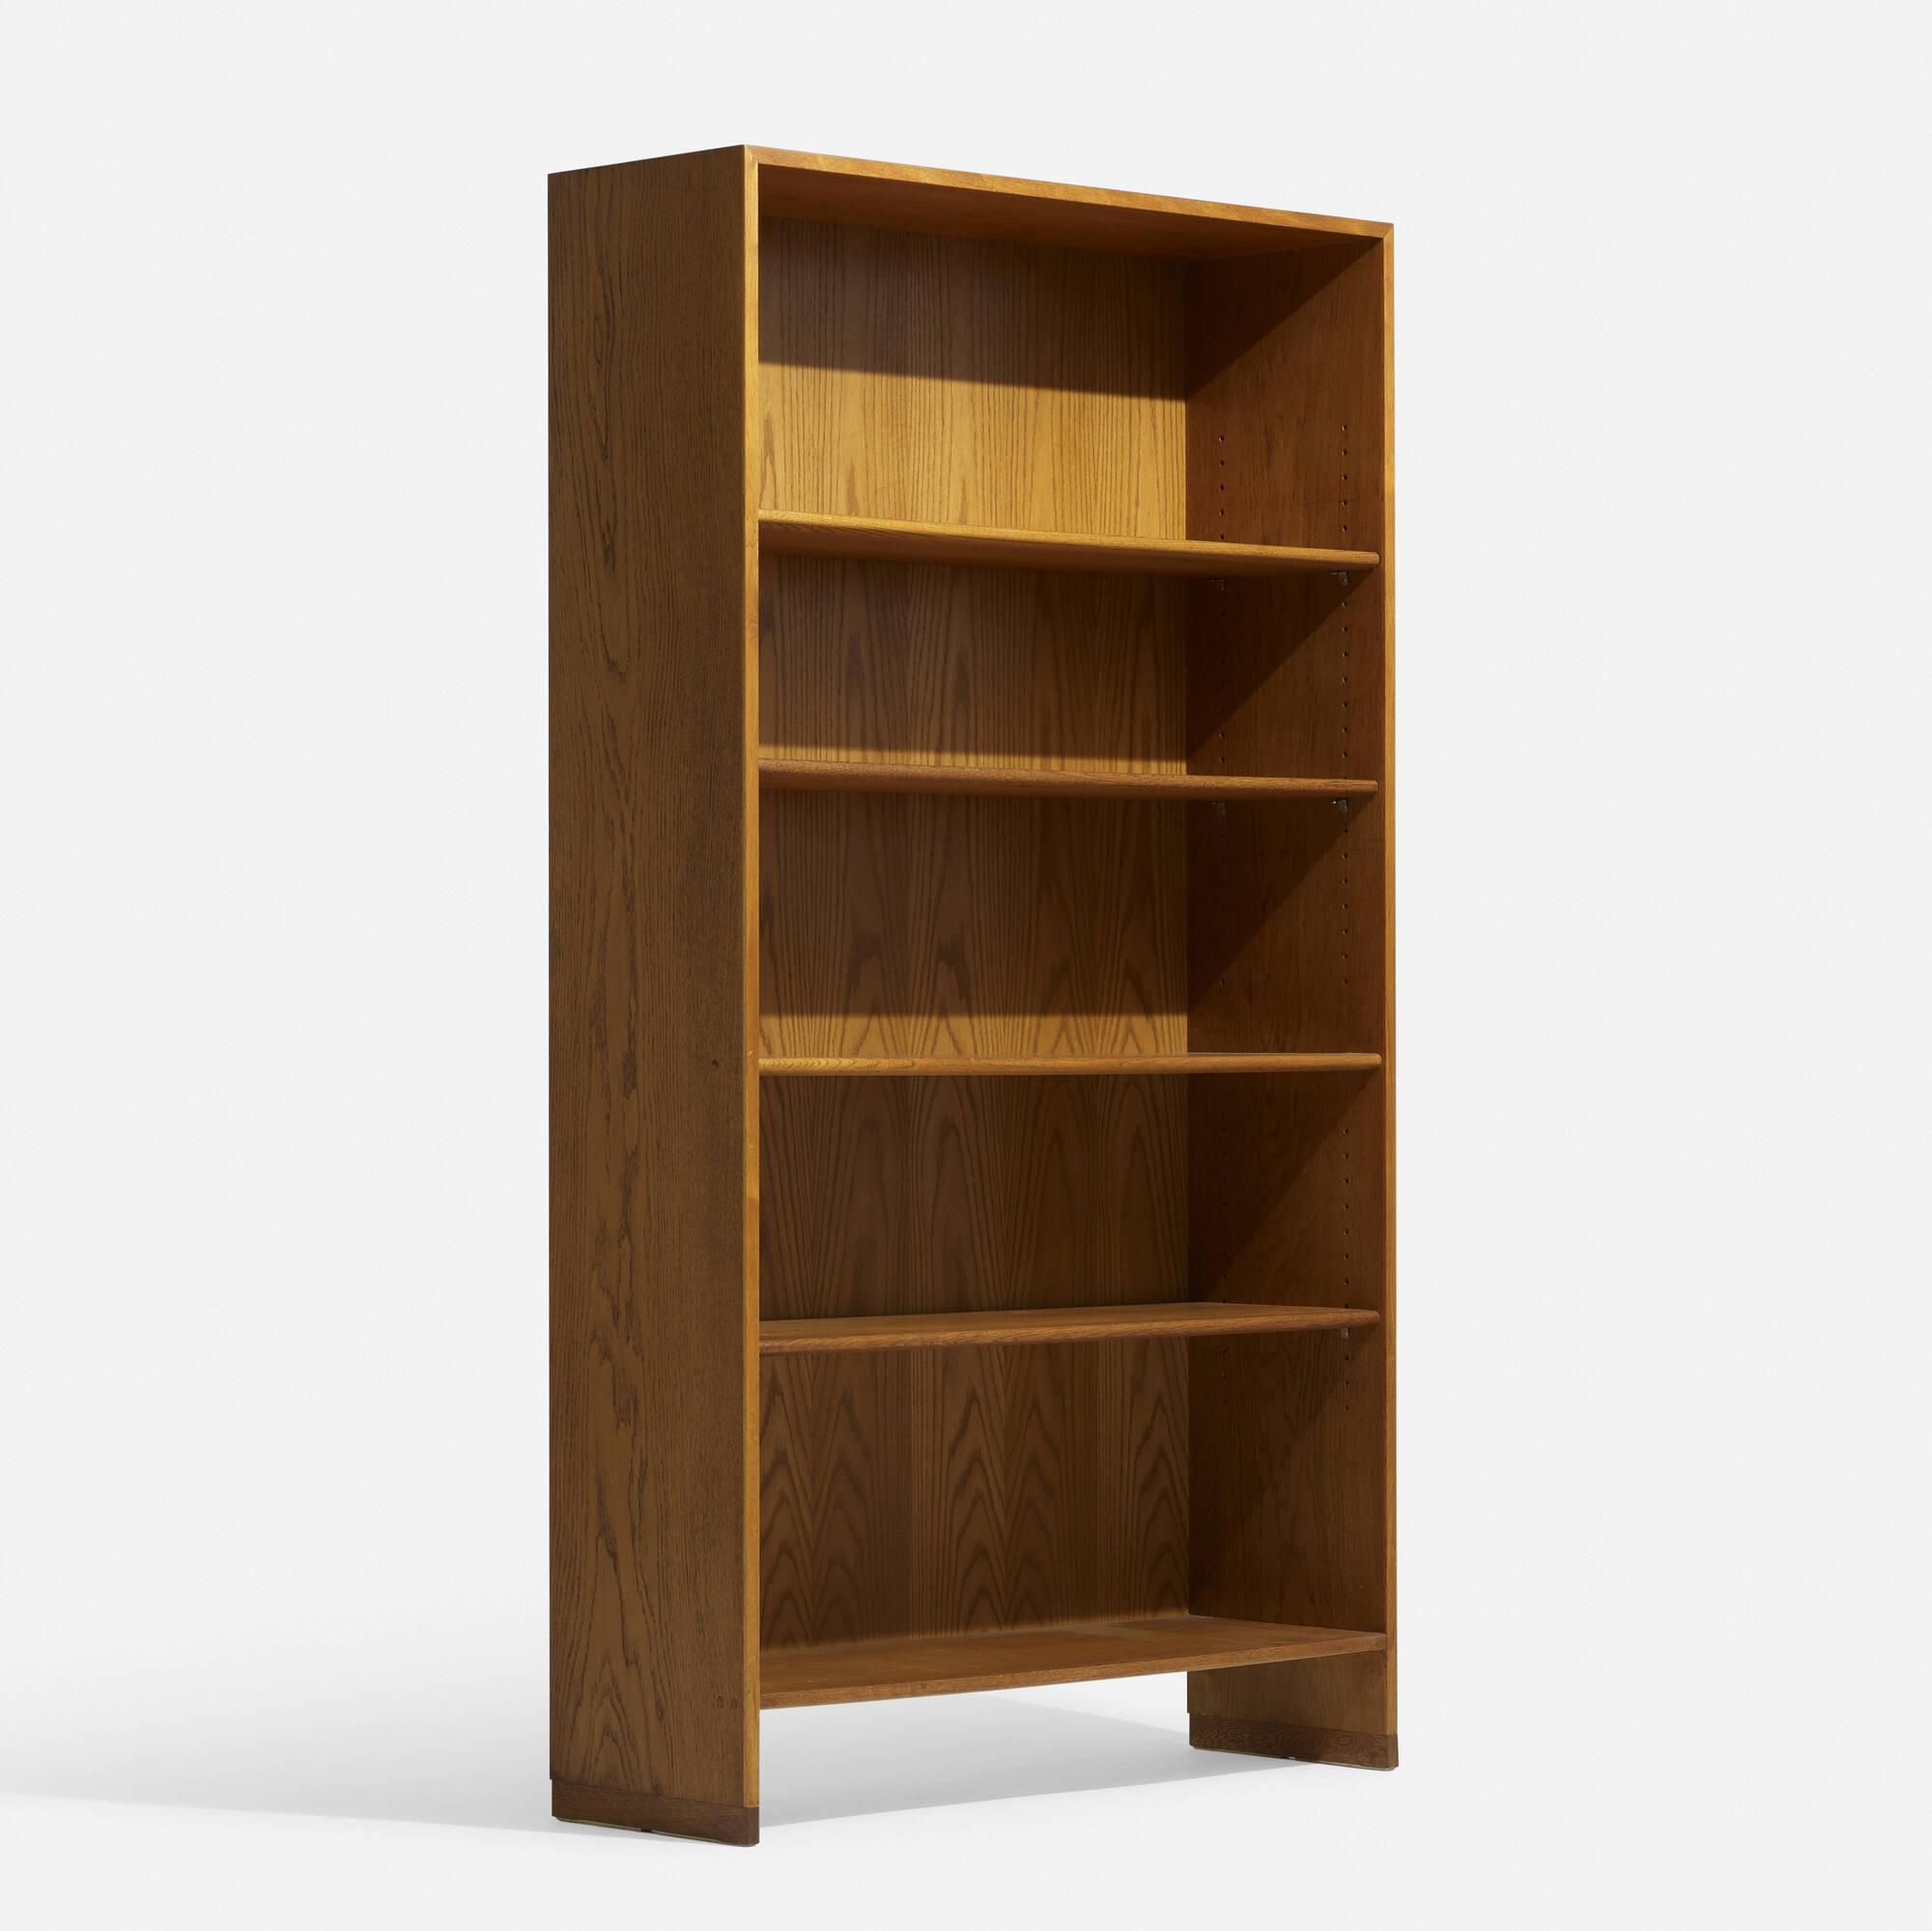 787: Hans J. Wegner / bookcase, model RY8 (1 of 1)